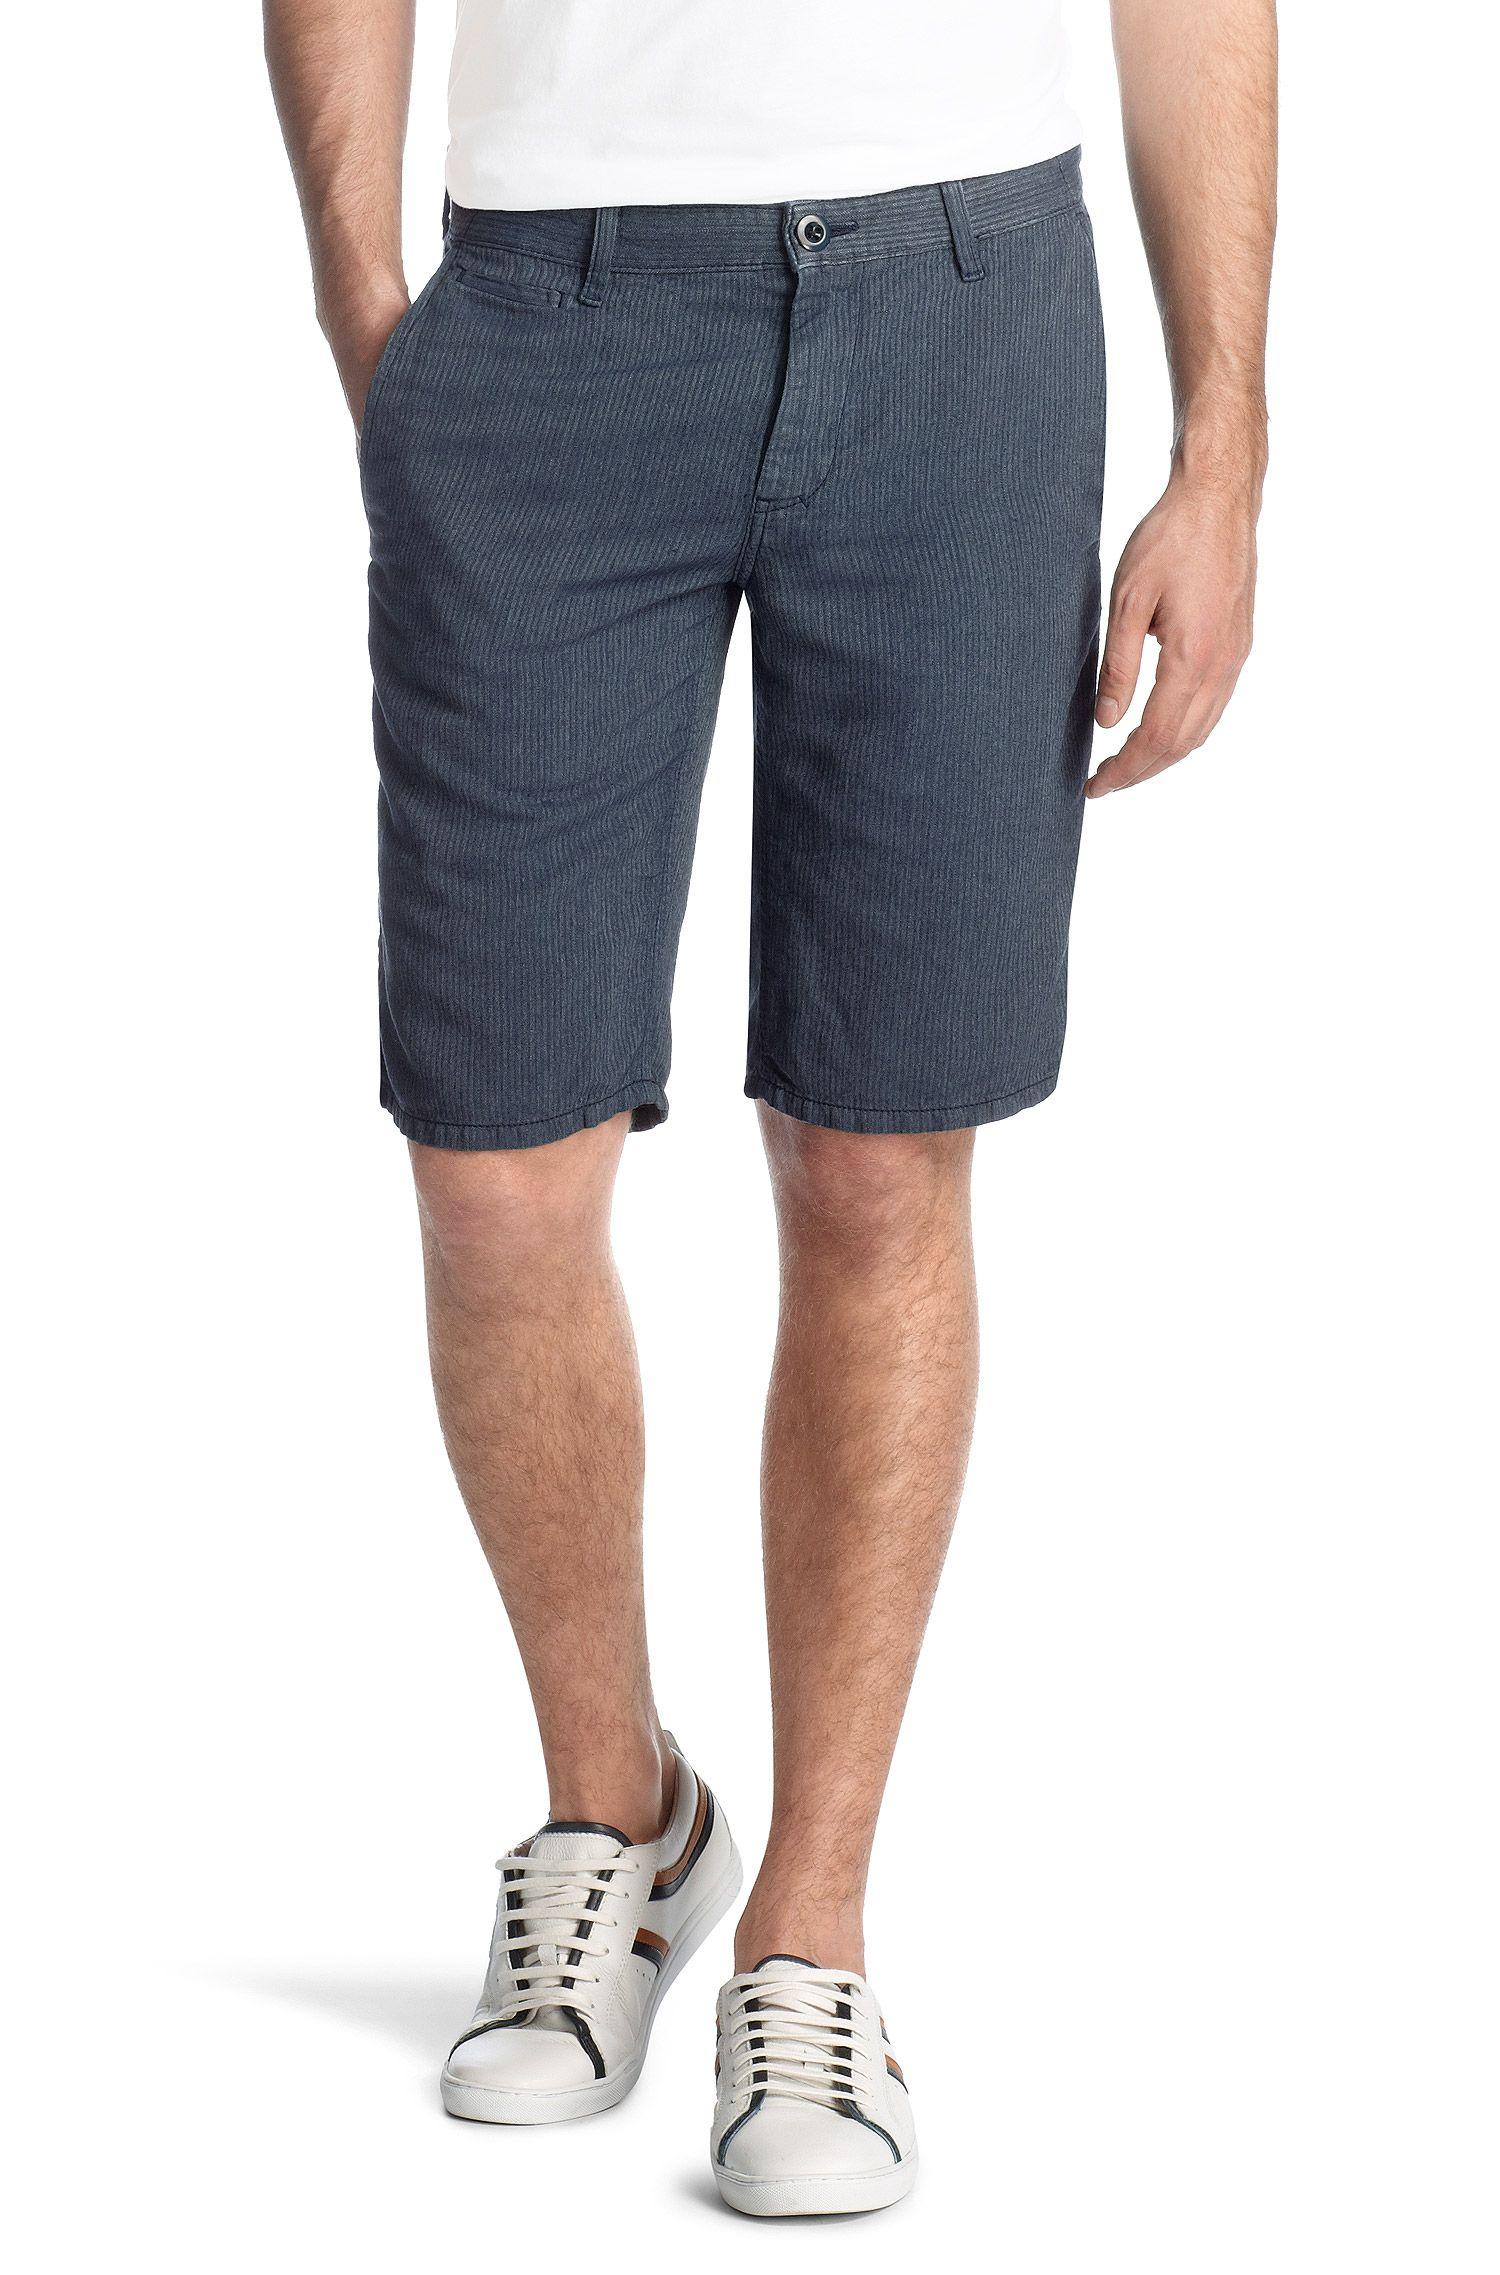 Shorts ´Shure-Shorts-D` im 5-Pocket Stil